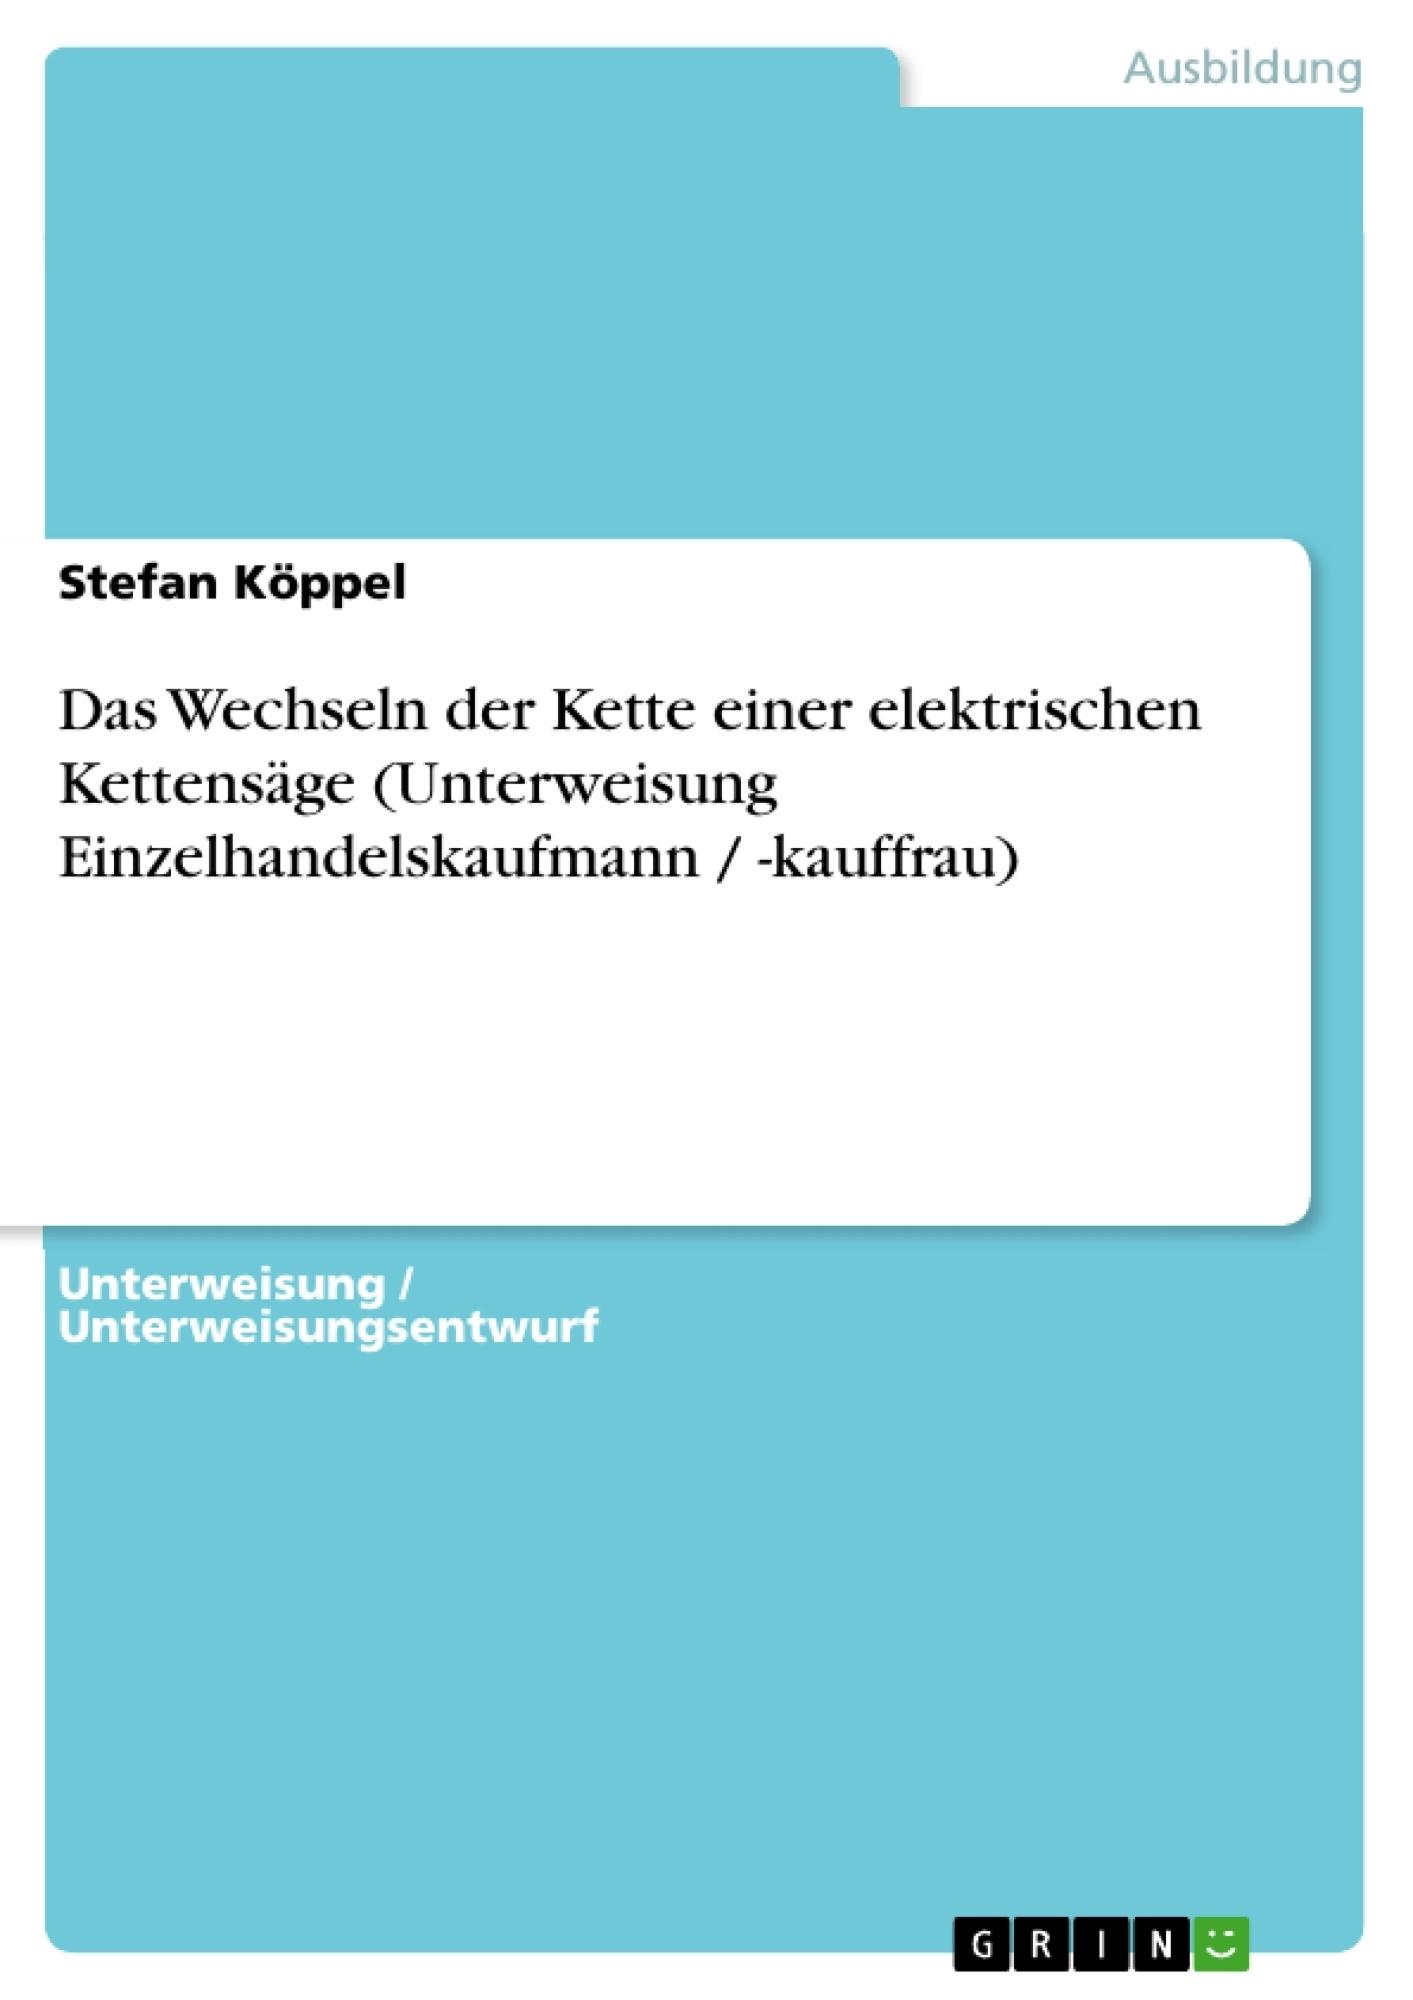 Titel: Das Wechseln der Kette einer elektrischen Kettensäge (Unterweisung Einzelhandelskaufmann / -kauffrau)